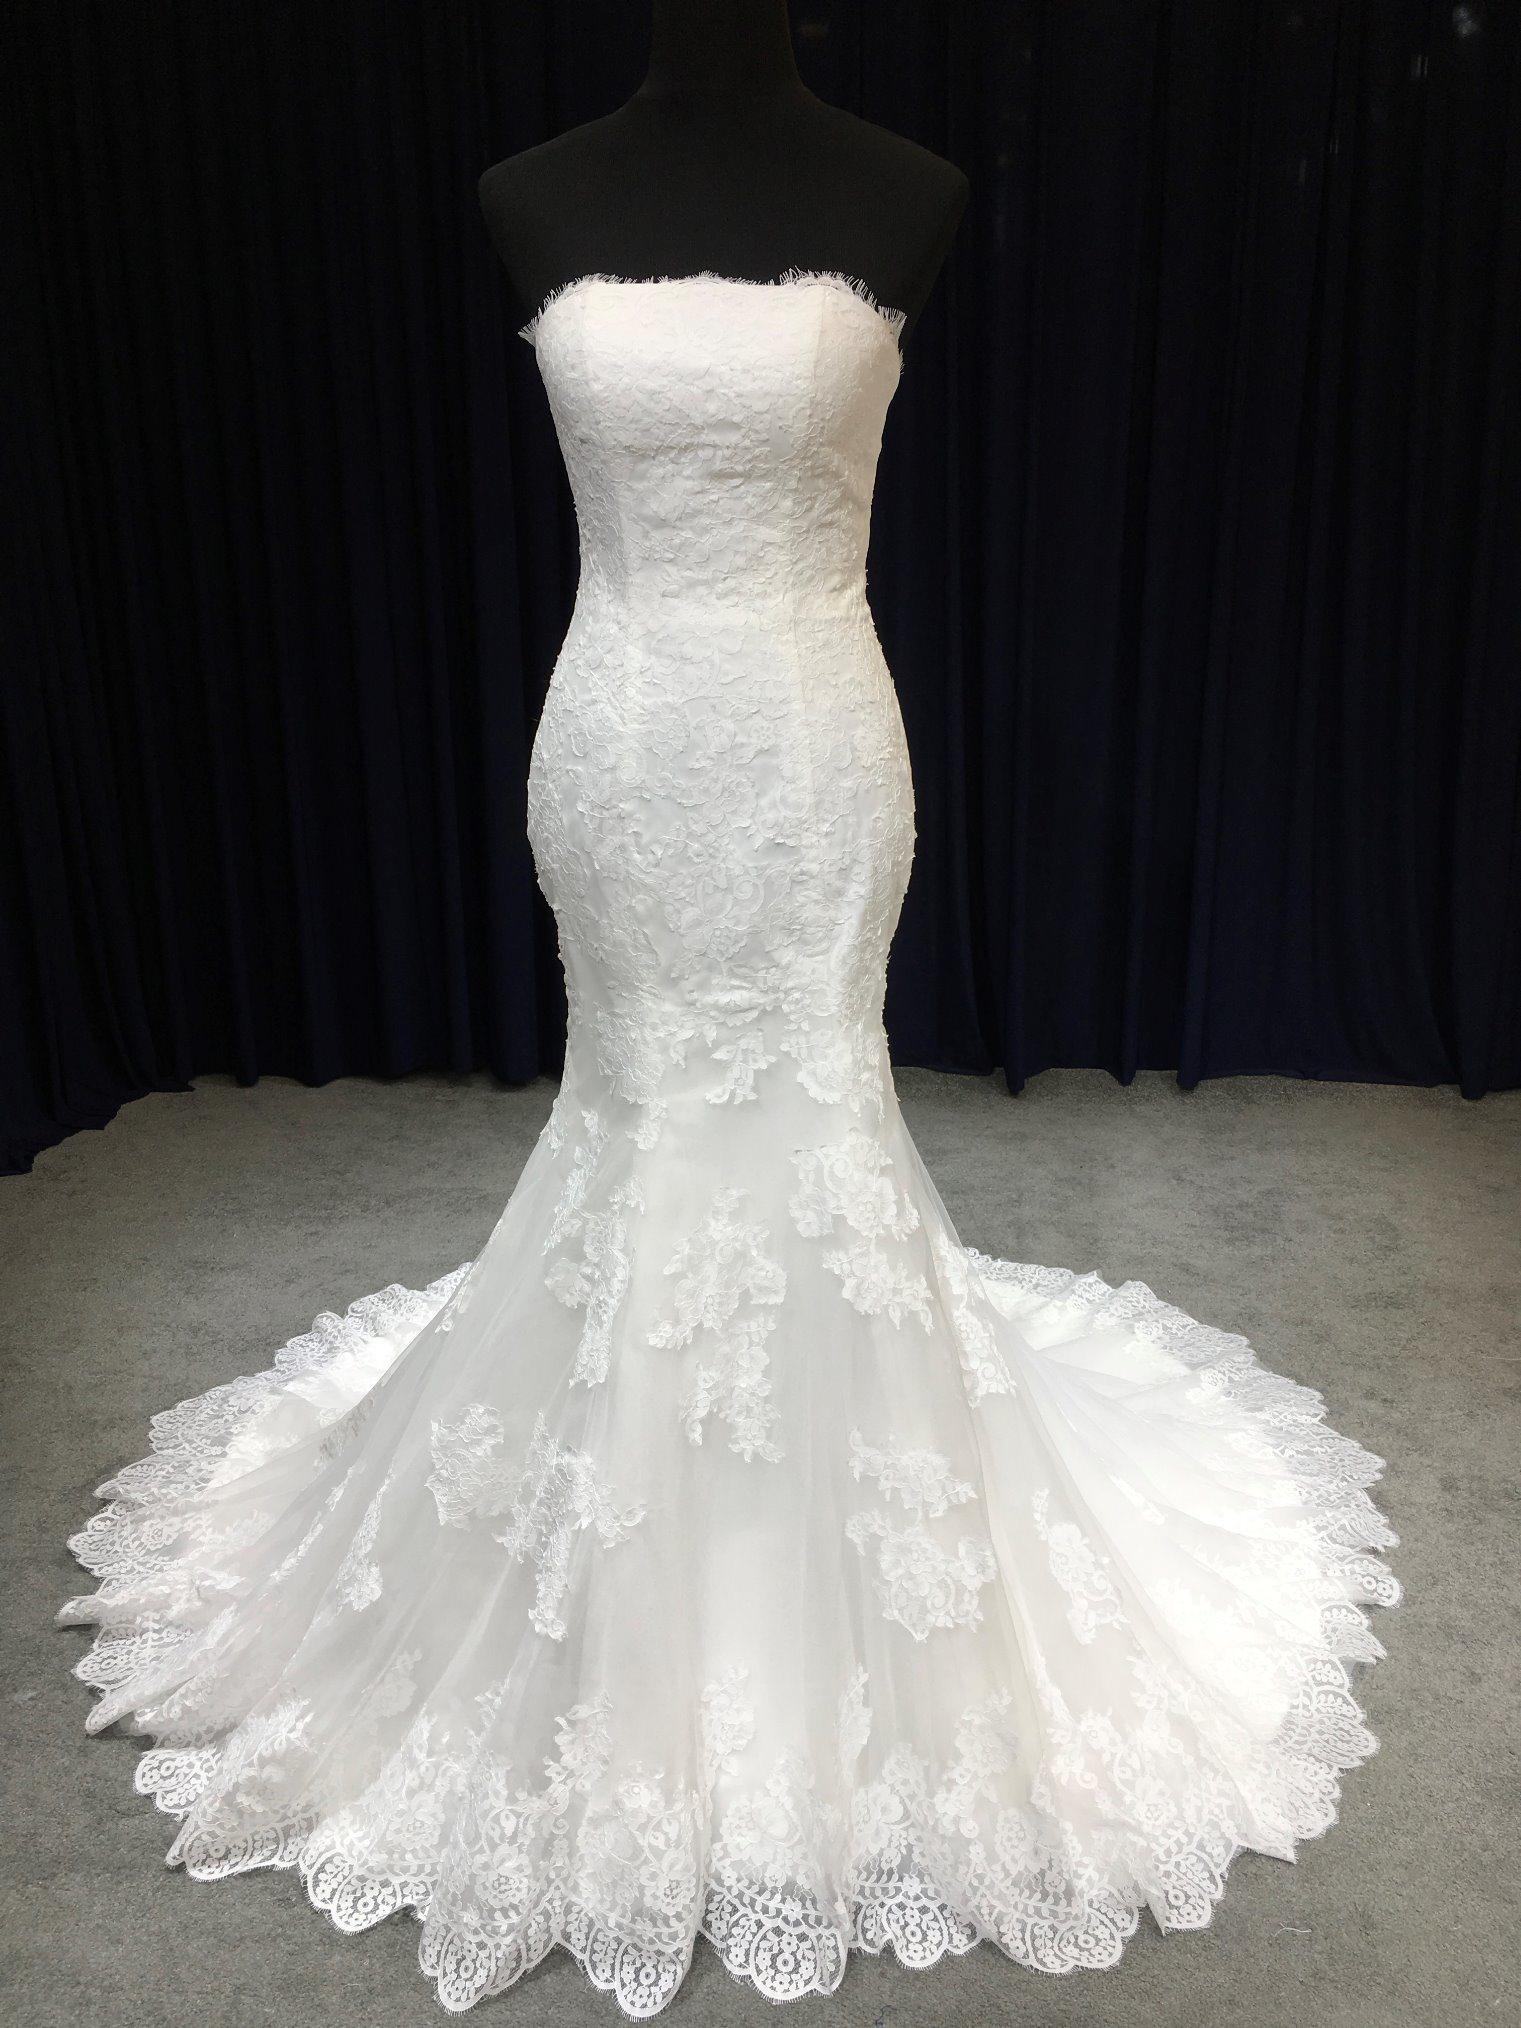 5b3ed53a89811 China Aoliweiya Strapless Plain Lace Soft Tulle Wedding Dress - China  Wedding, Wedding Dress